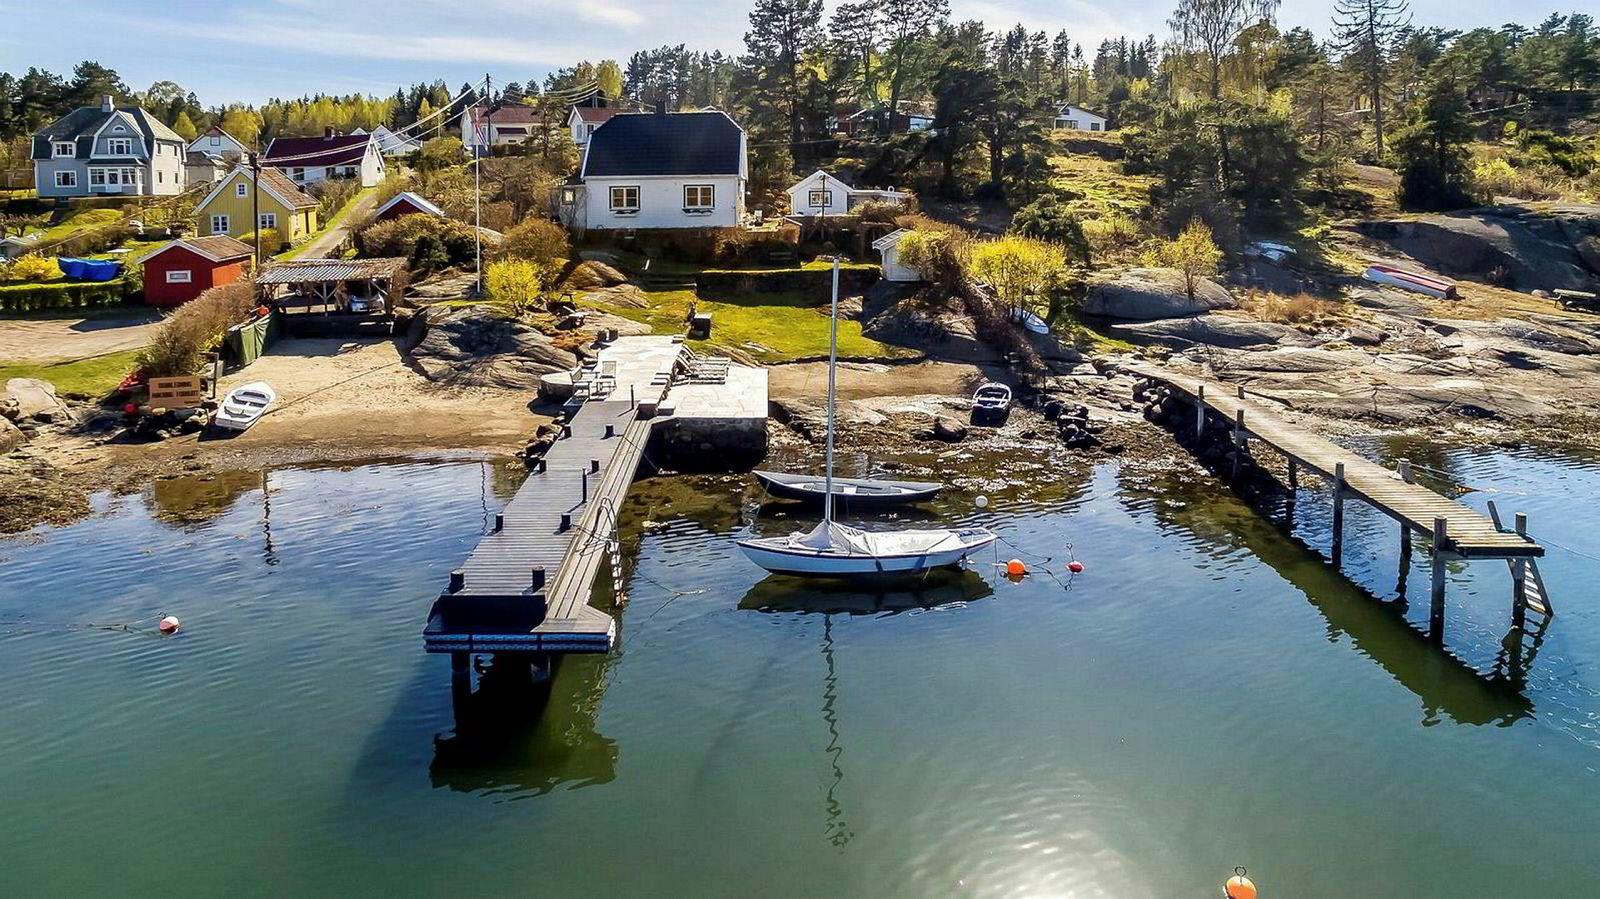 Nøtterøy-hytta på drøyt 100 kvadratmeter ble denne uken solgt 15,8 millioner kroner. Eiendommen har blant annet to sandstrender og båtbrygge.